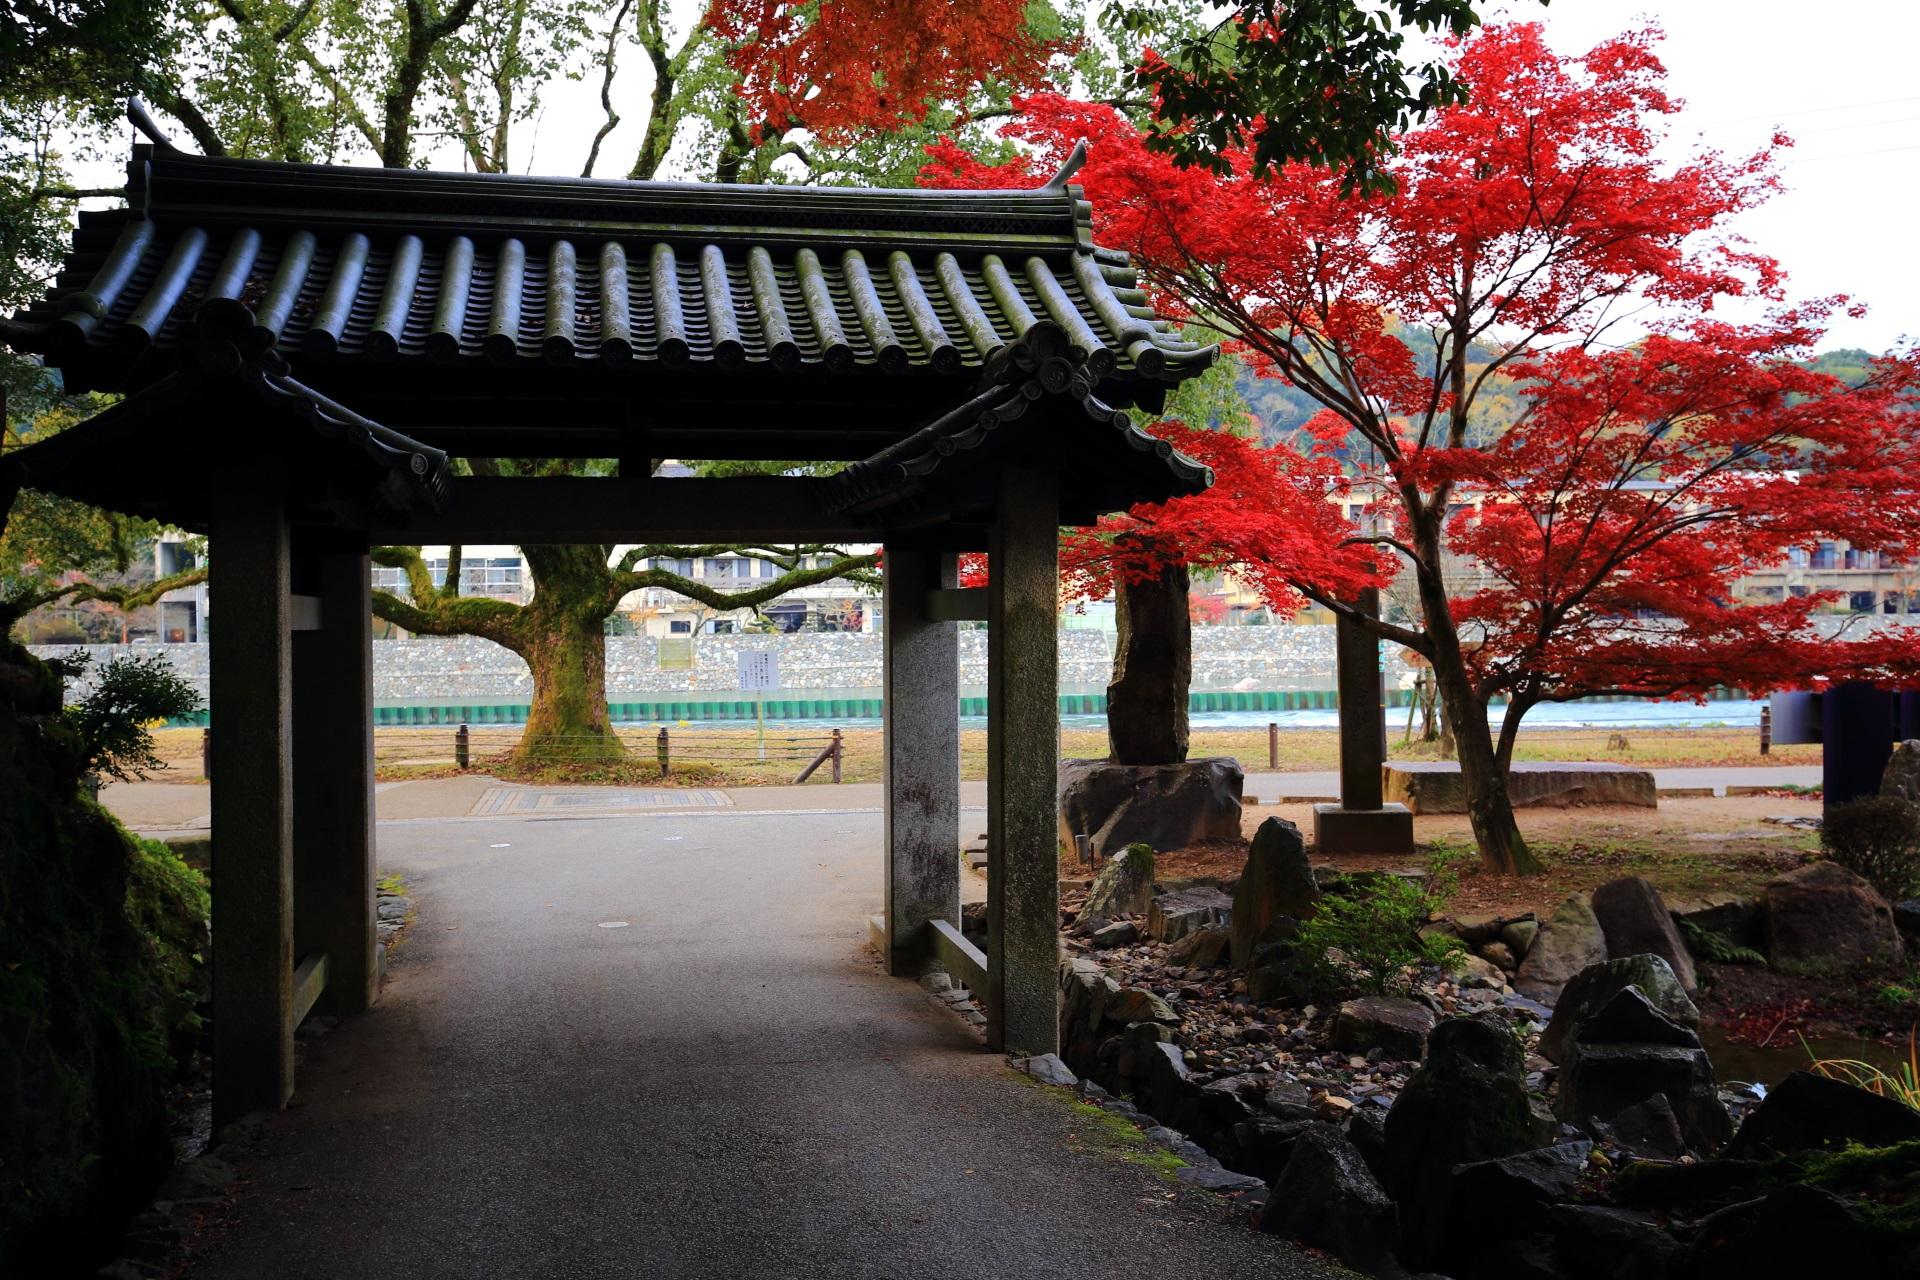 宇治川沿いに建つ興聖寺の石門と鮮やかな紅葉